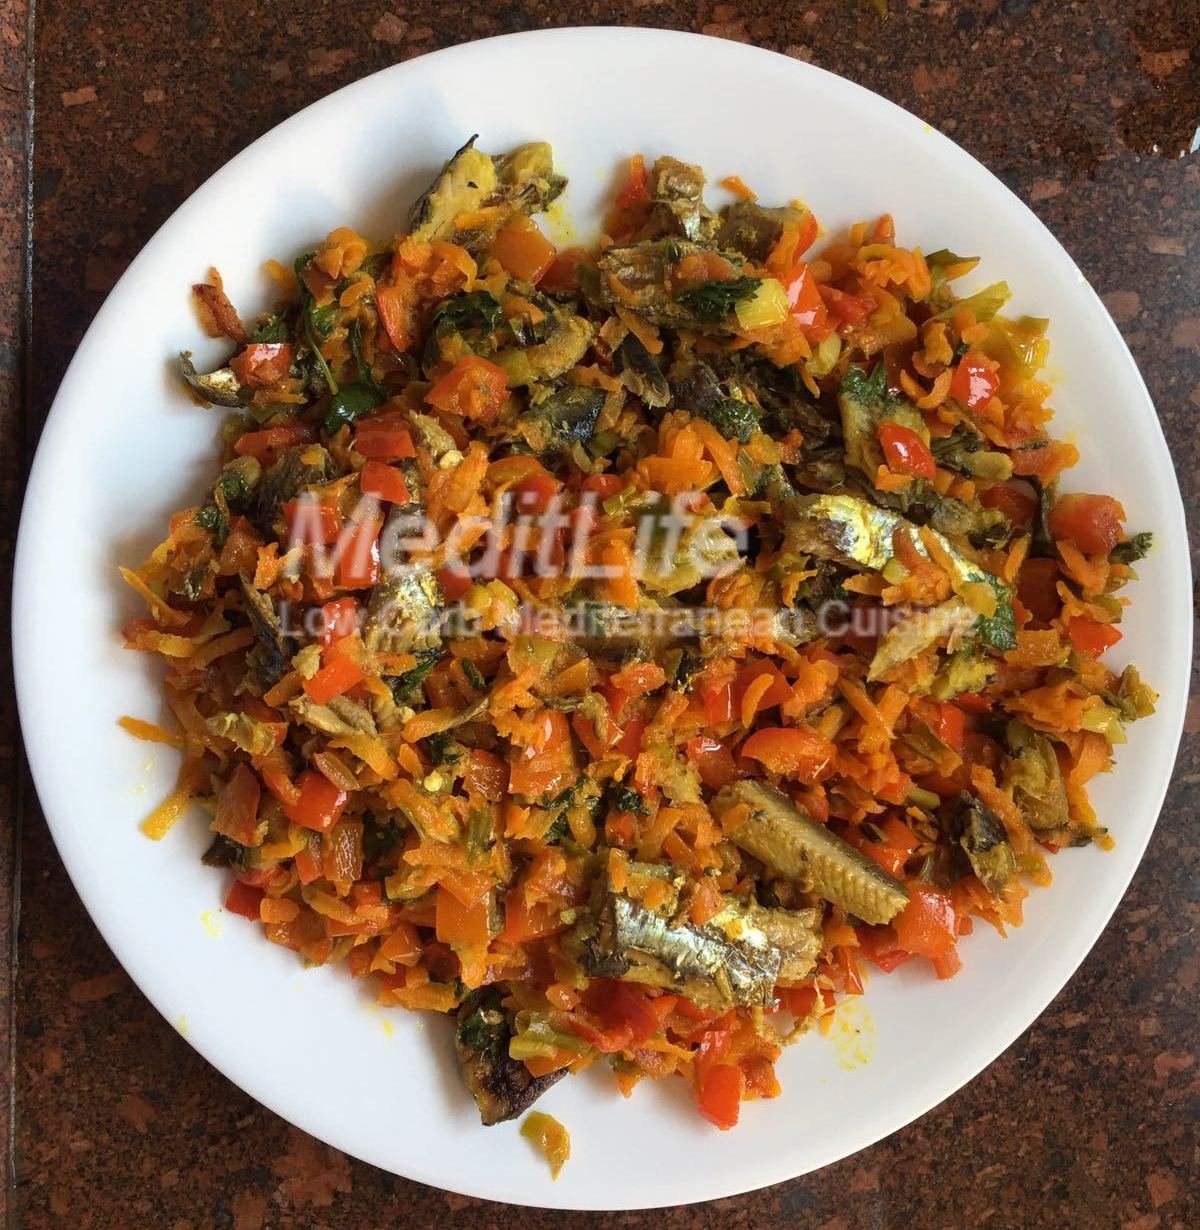 Mediterranean Style Diet Recipes: Mediterranean Style Sardines